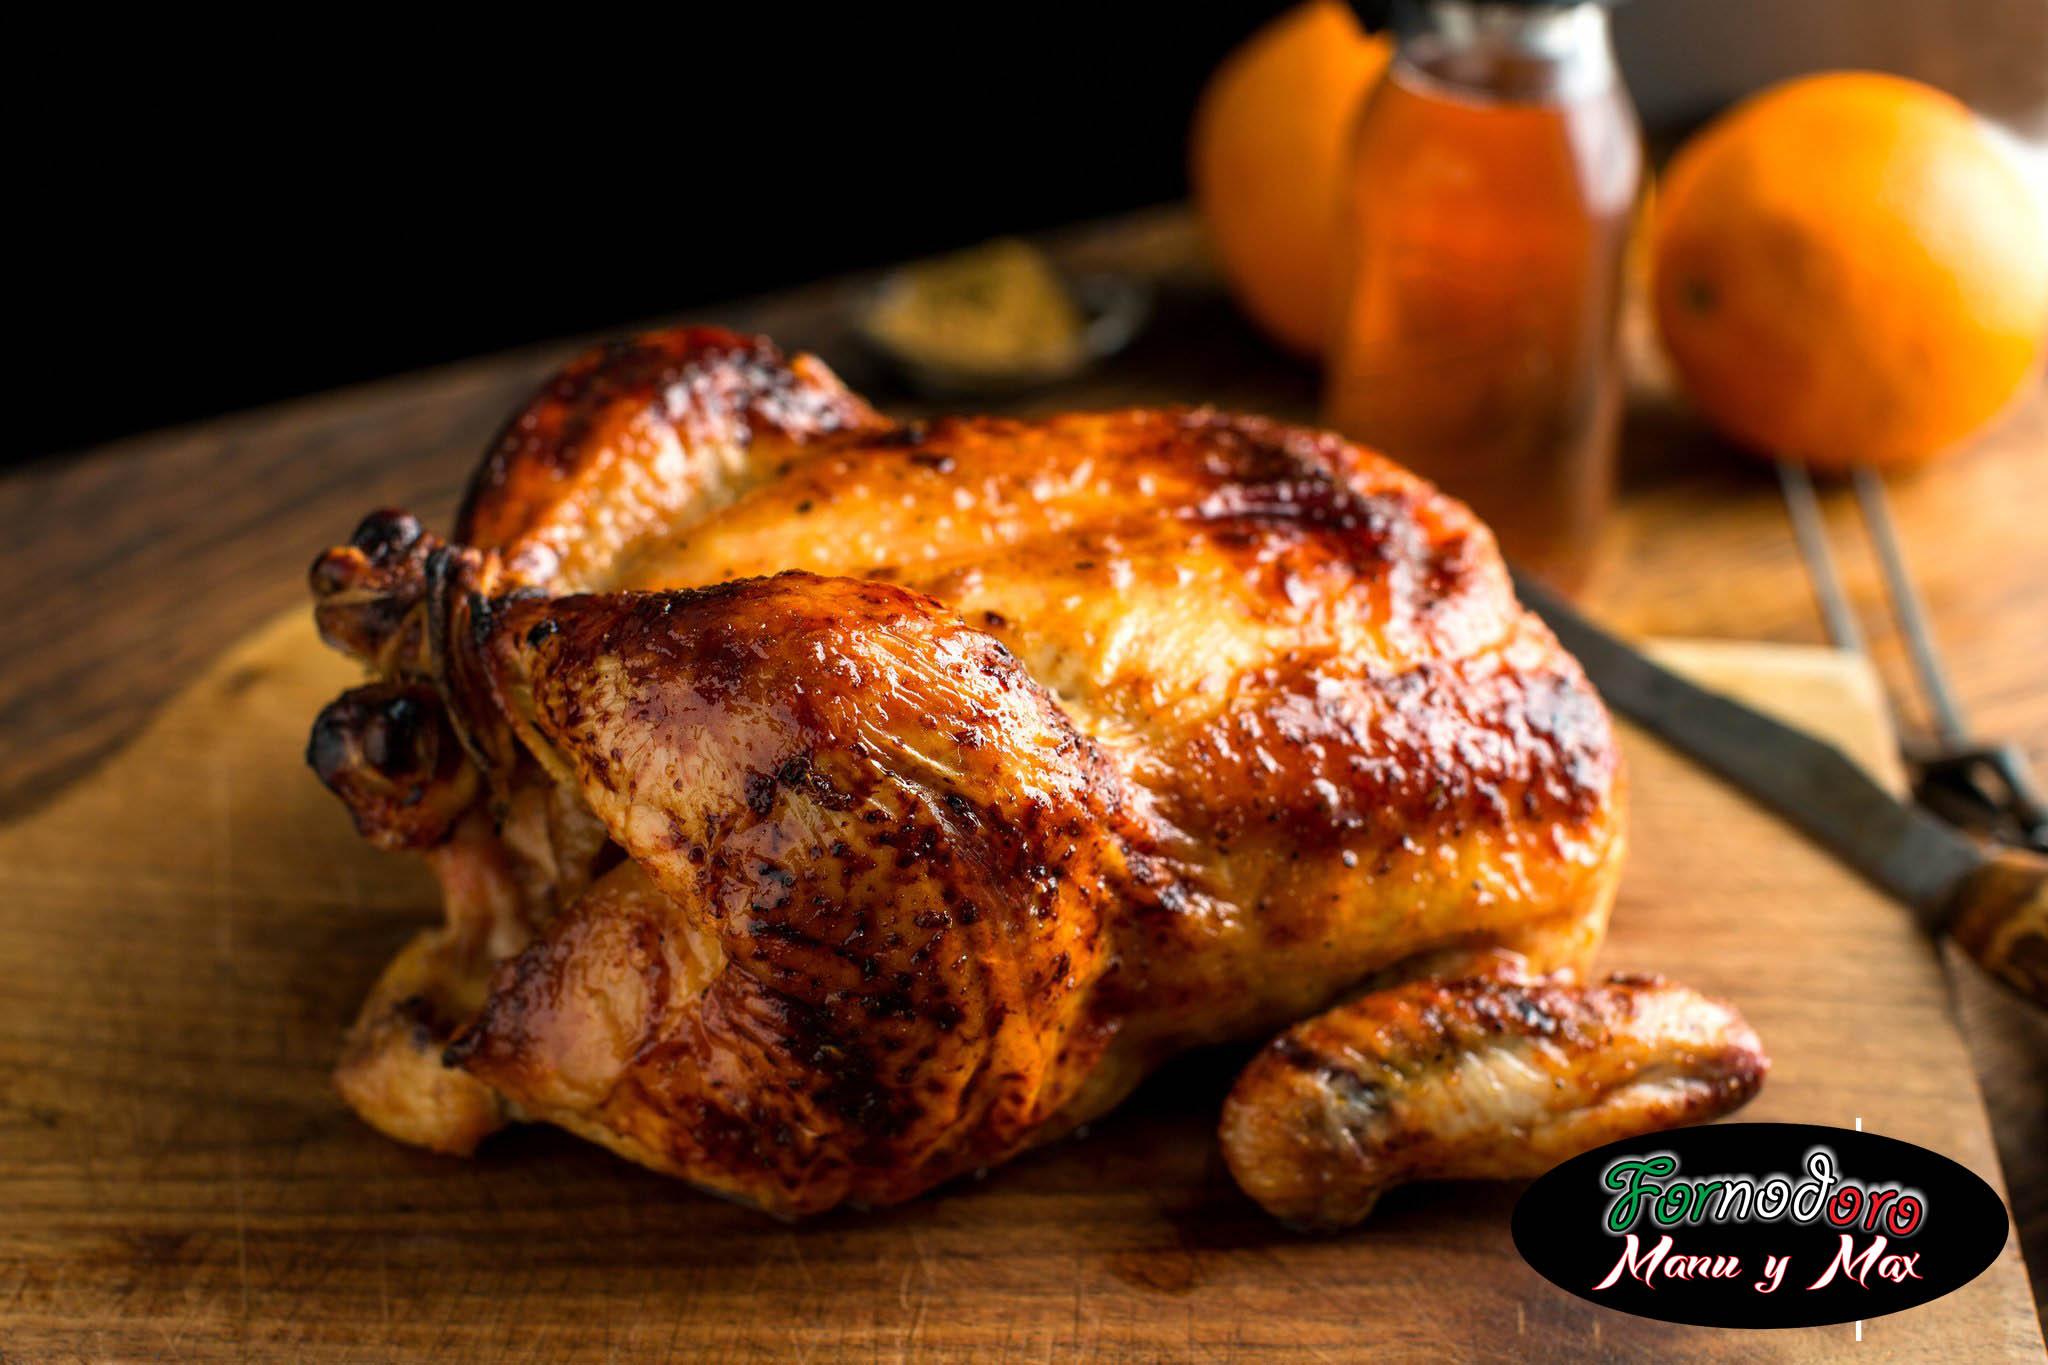 pollo asado en aldea blanca tenerife